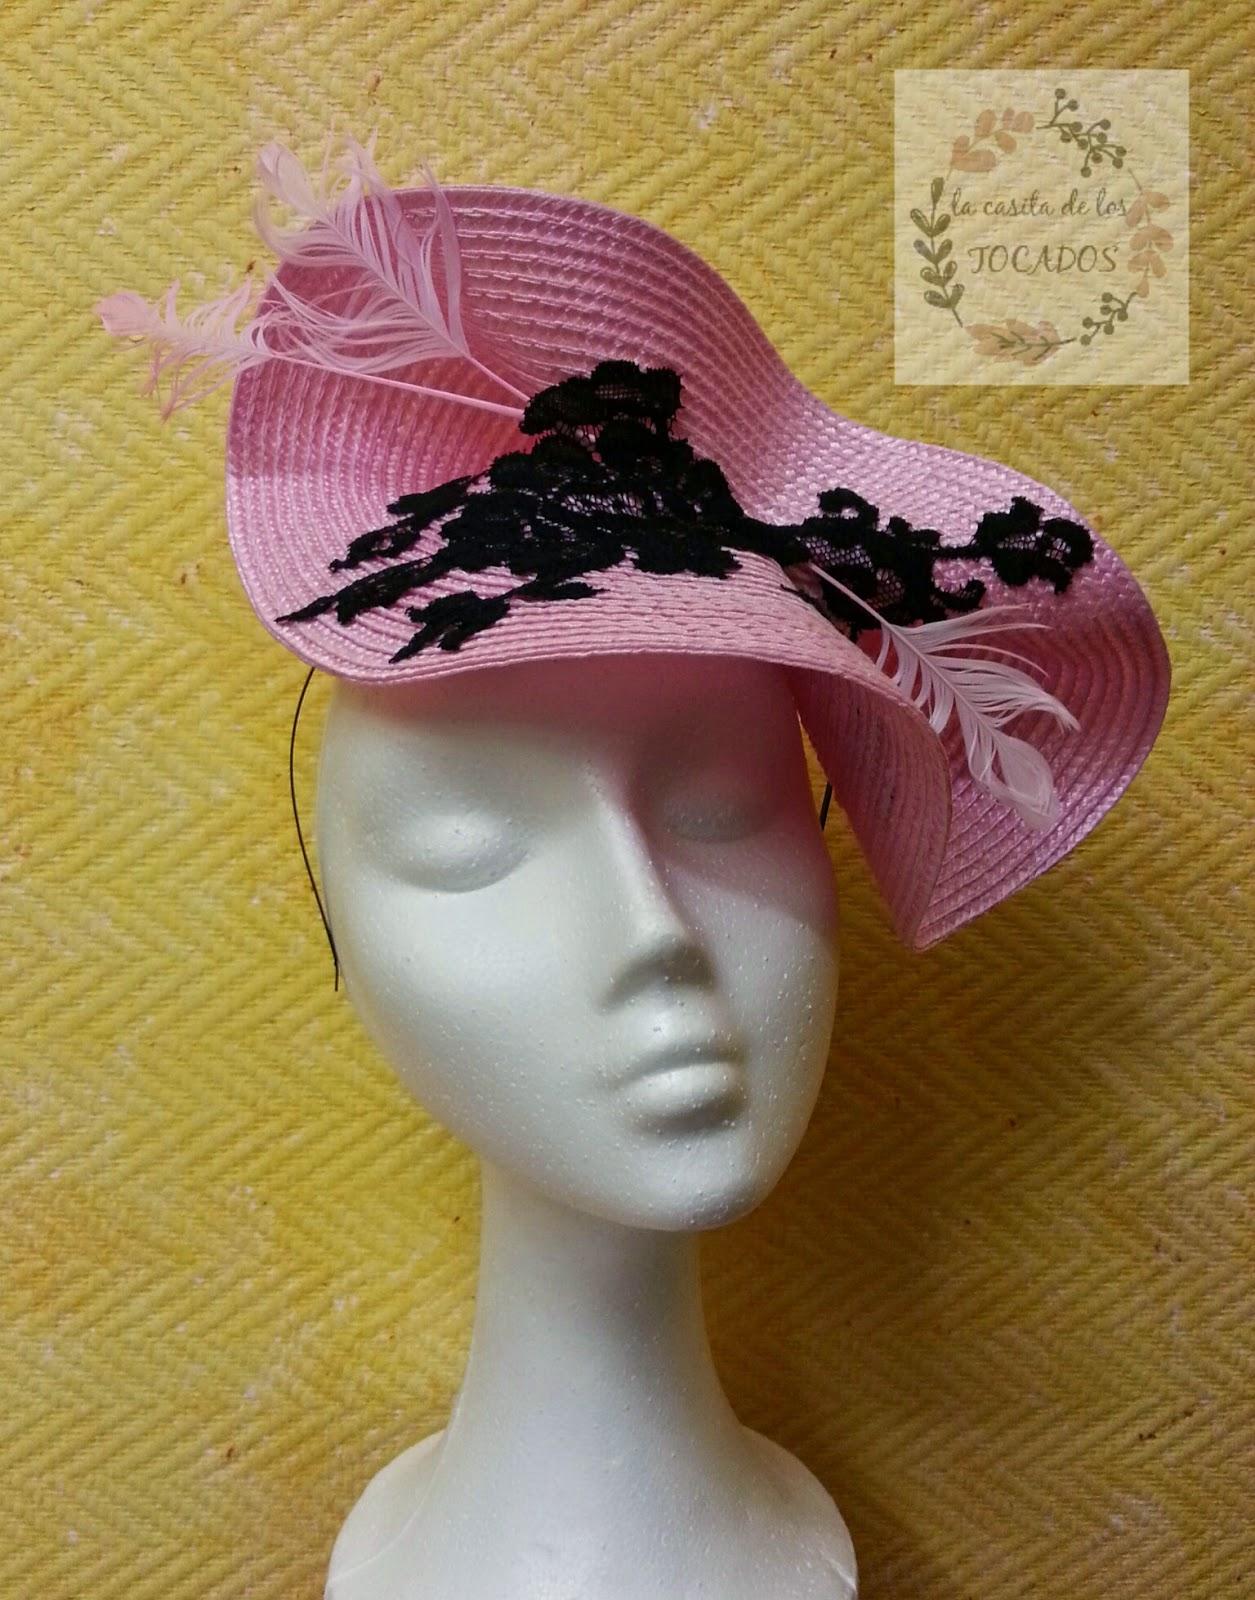 tocado grande para boda en color rosa con encaje en color negro y plumas de pato